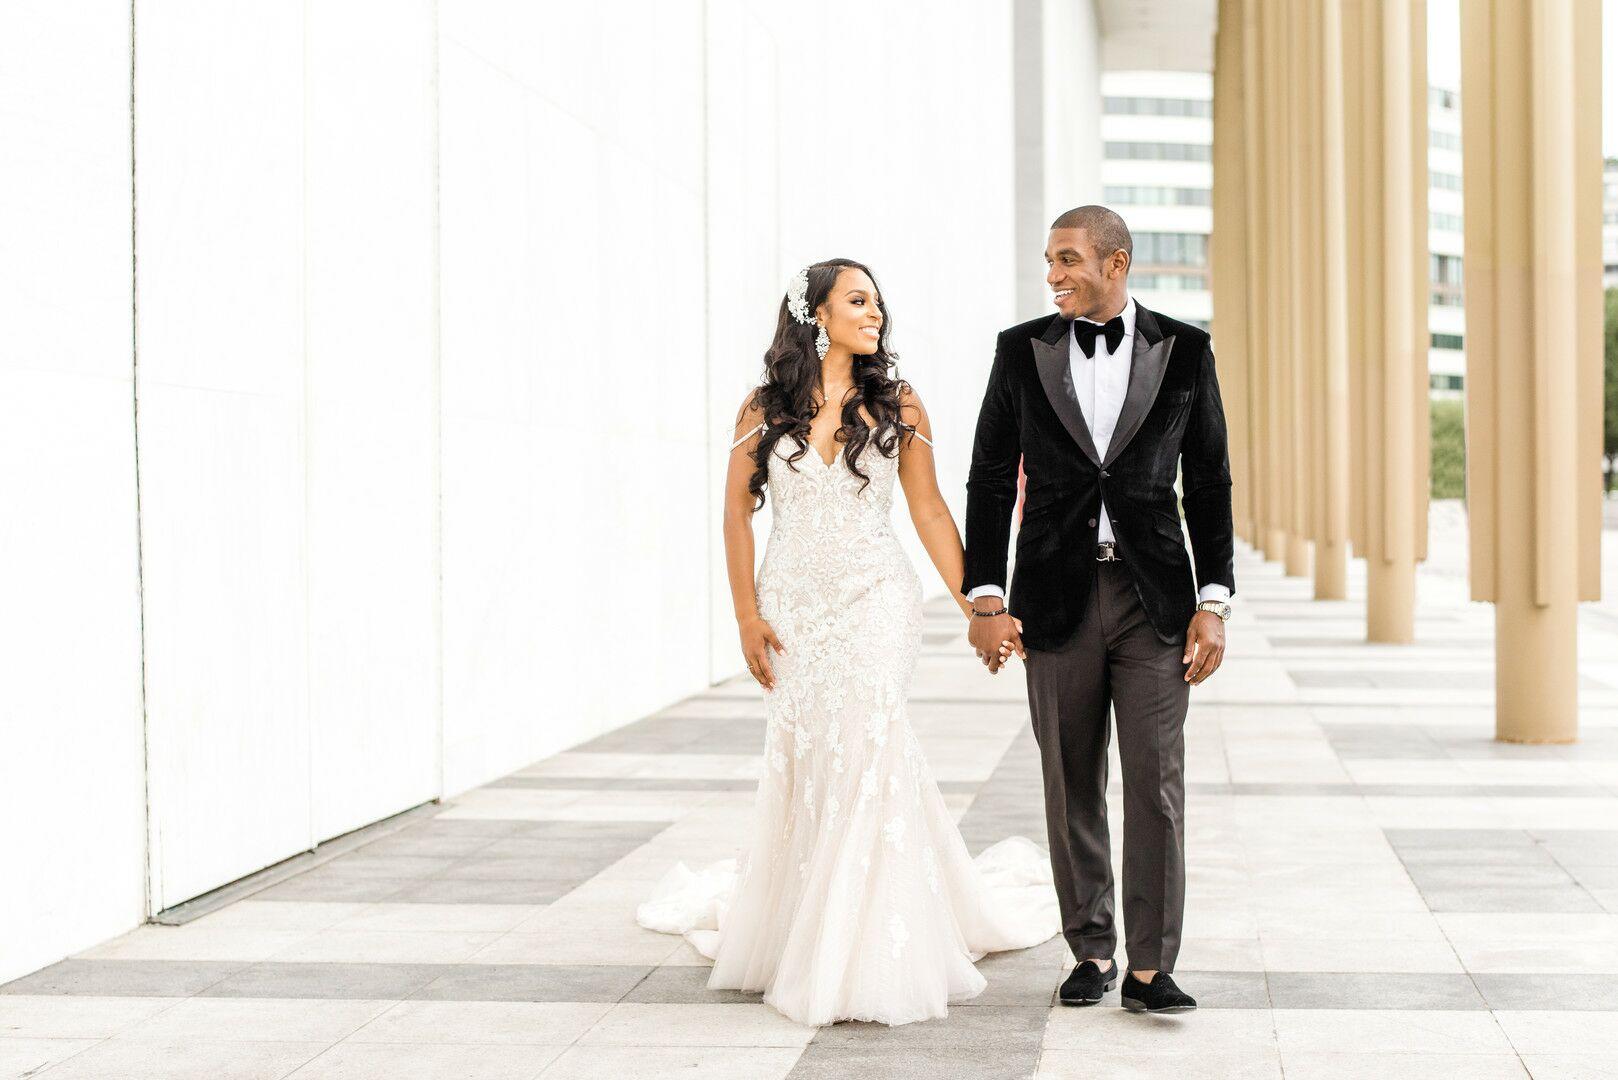 Glamorous Beaded Wedding Dress And Black Velvet Tuxedo Jacket